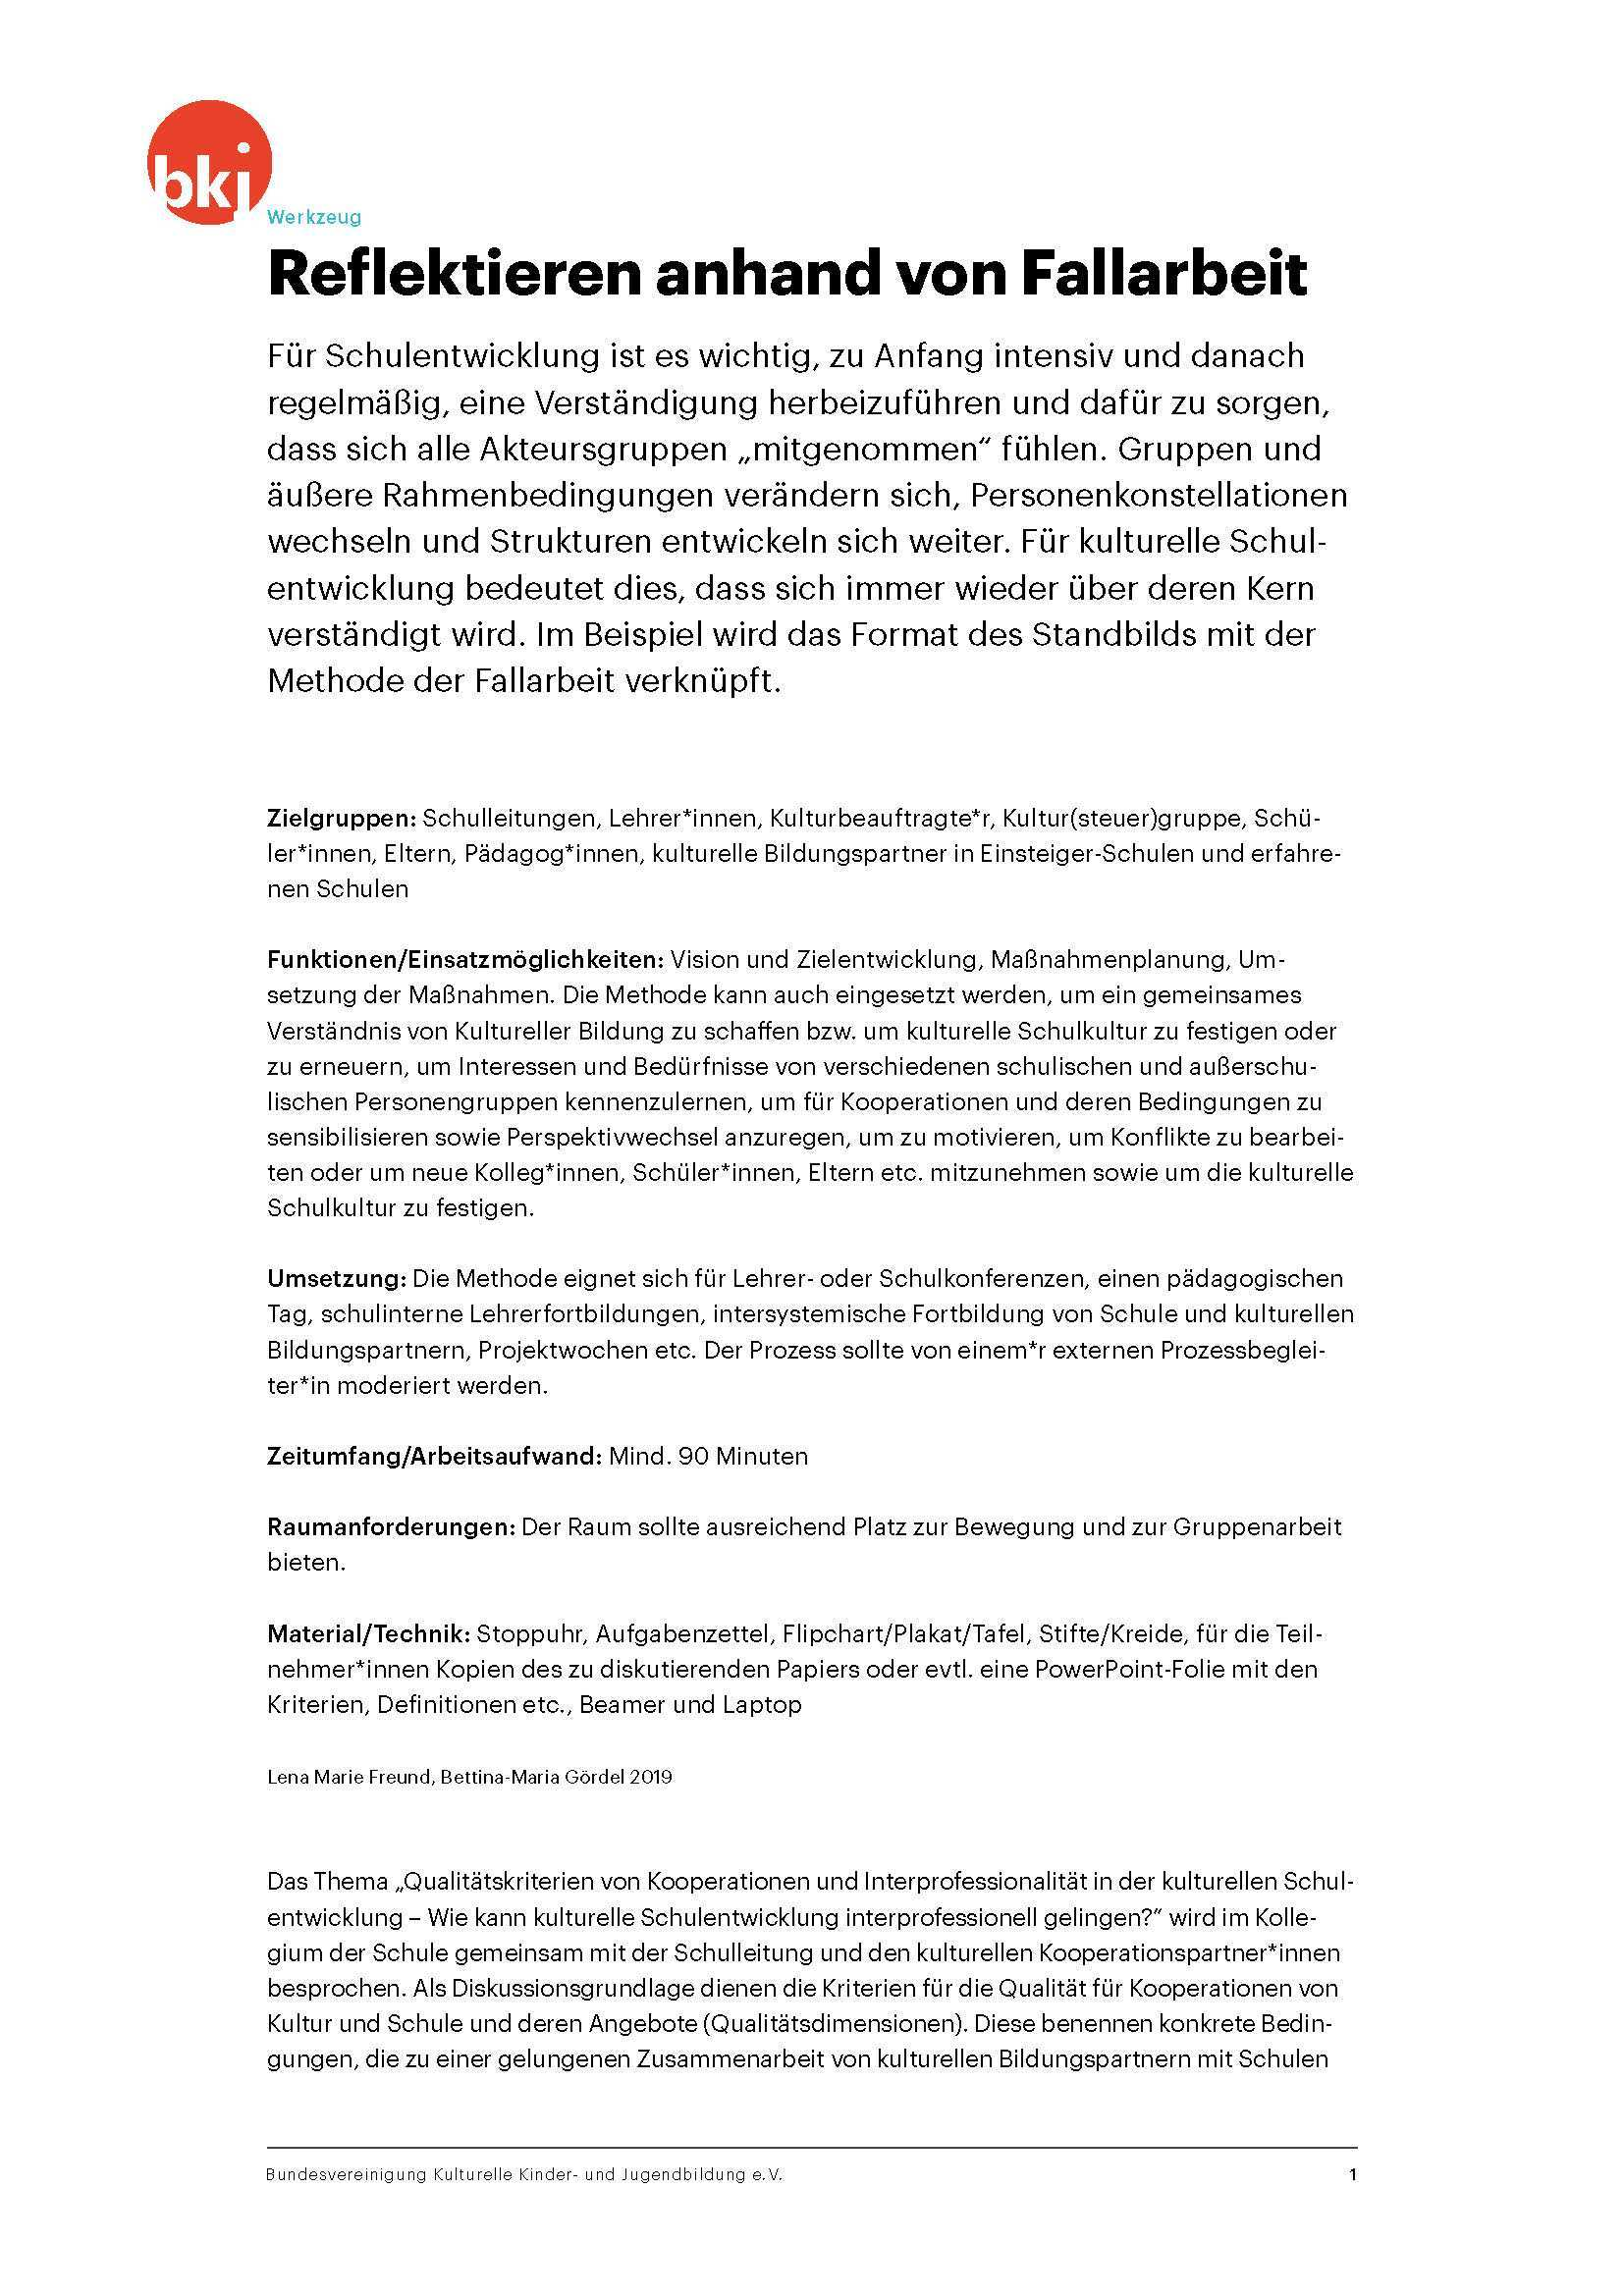 Reflektieren Anhand Von Fallarbeit Bundesvereinigung Kulturelle Kinder Und Jugendbildung E V Bkj